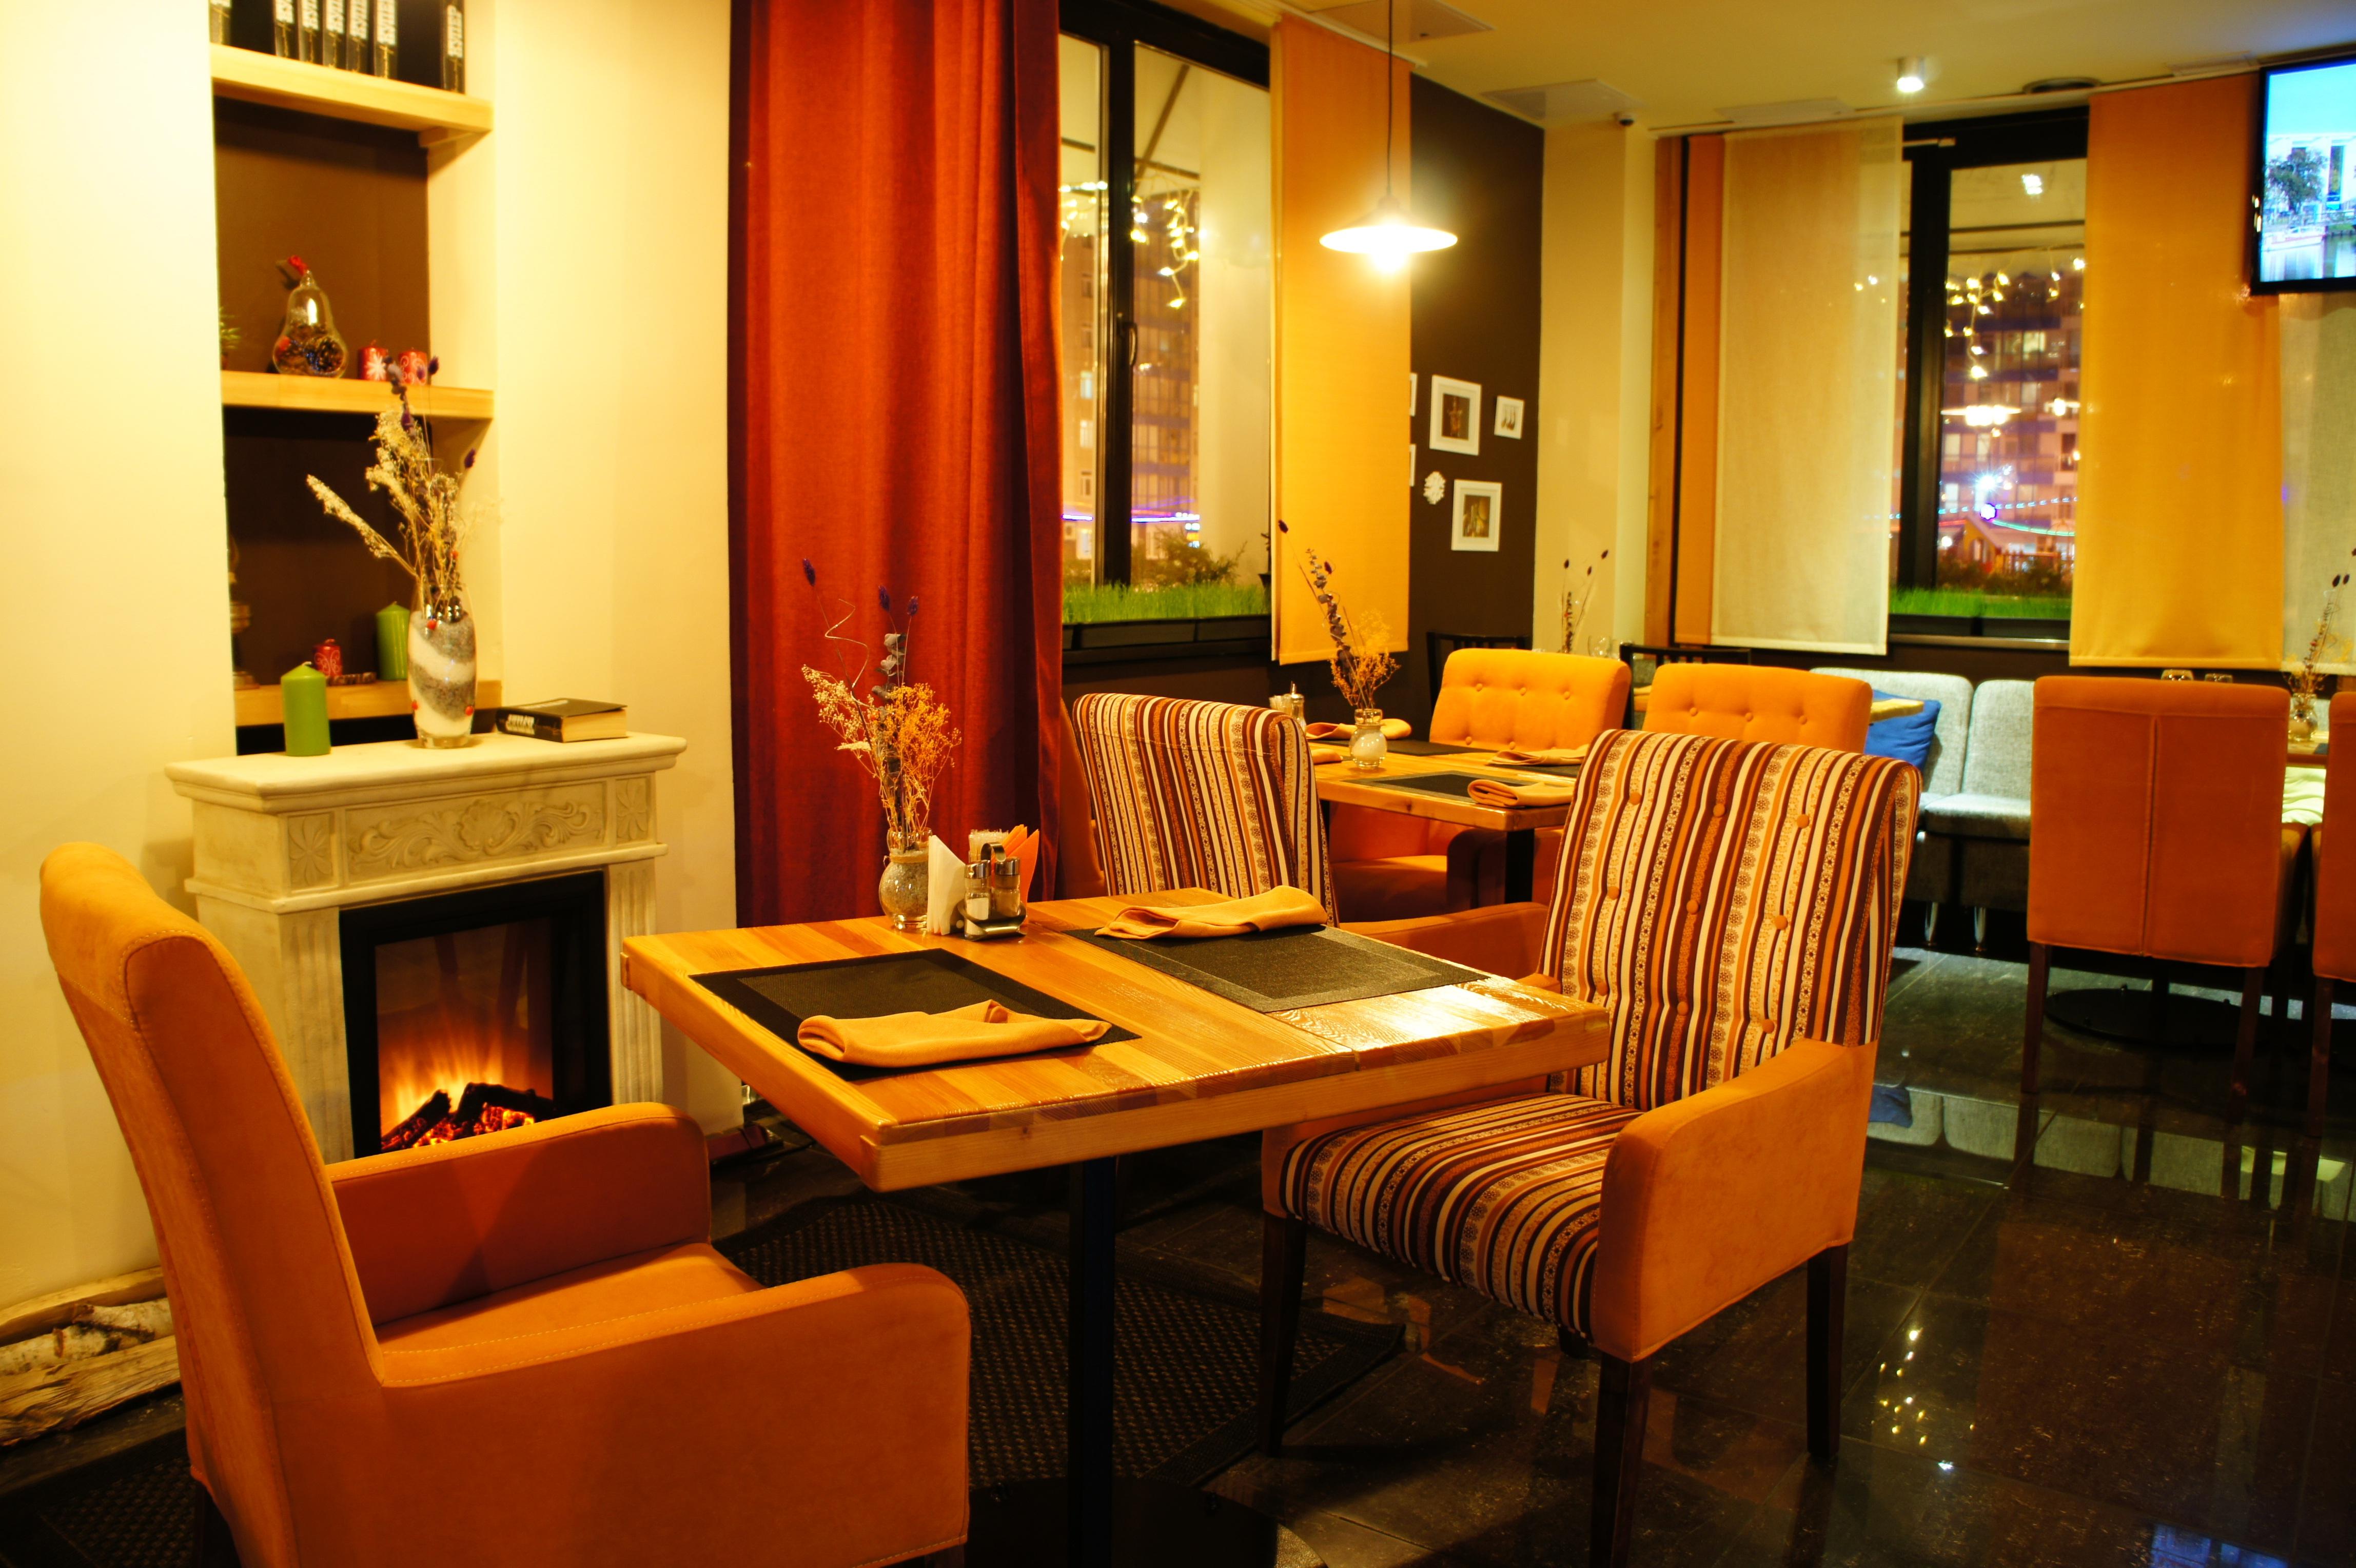 Cafe Restaurant Zuhause Eigentum Wohnzimmer Zimmer Innenarchitektur  Erholungsort Immobilien Lobby Suite Esszimmer Englisch Kanal Kafekrasnoyarsk